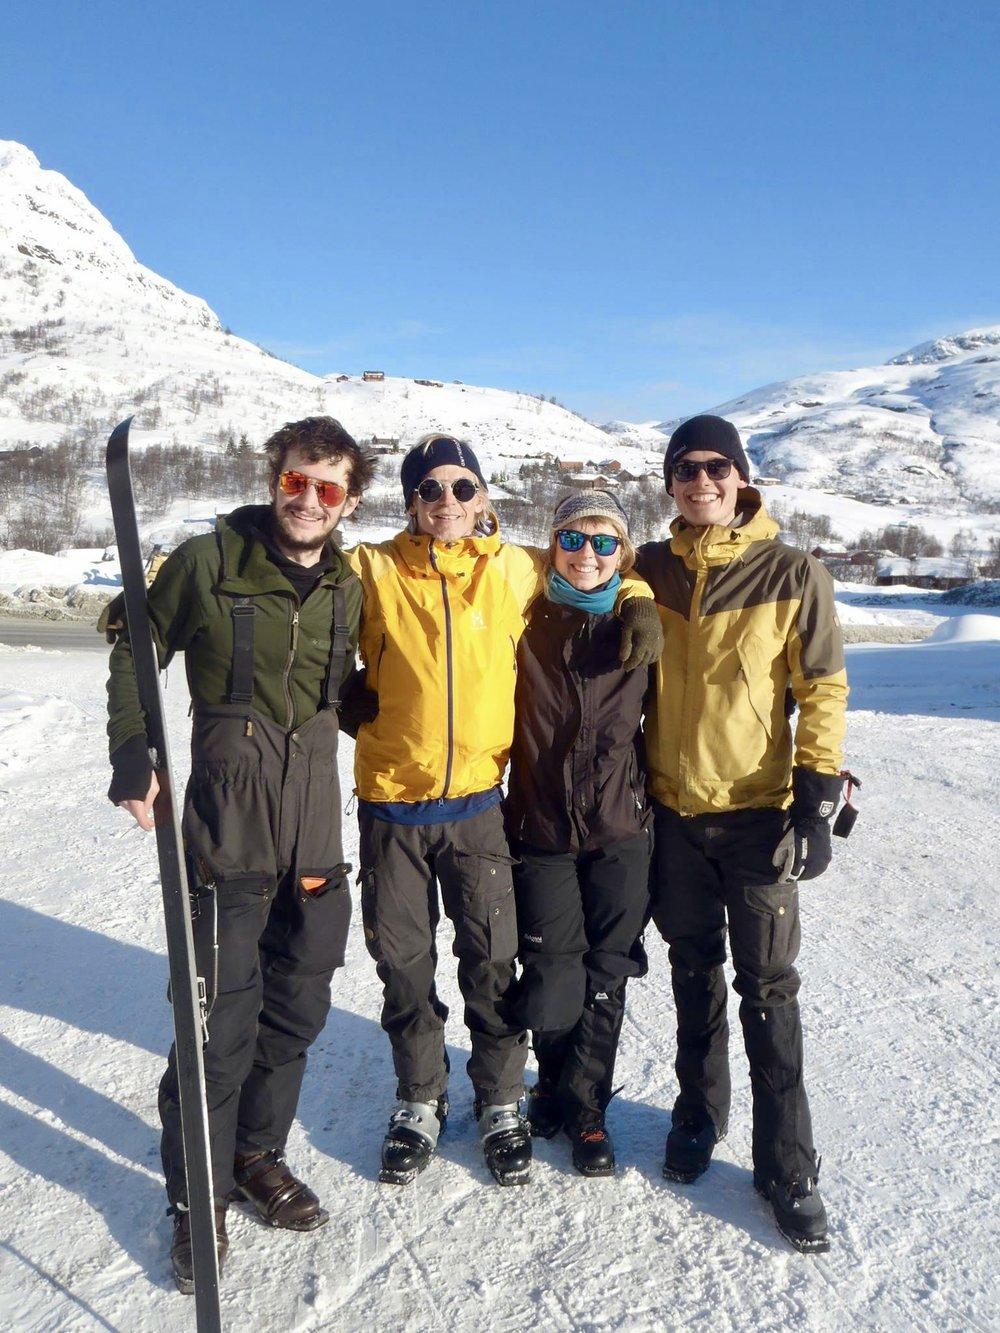 Holdet fra venstre: Jens, Fiki, Line og Noah - alle udstyret med formidable solbriller  Foto: Johanne Rose Conrad